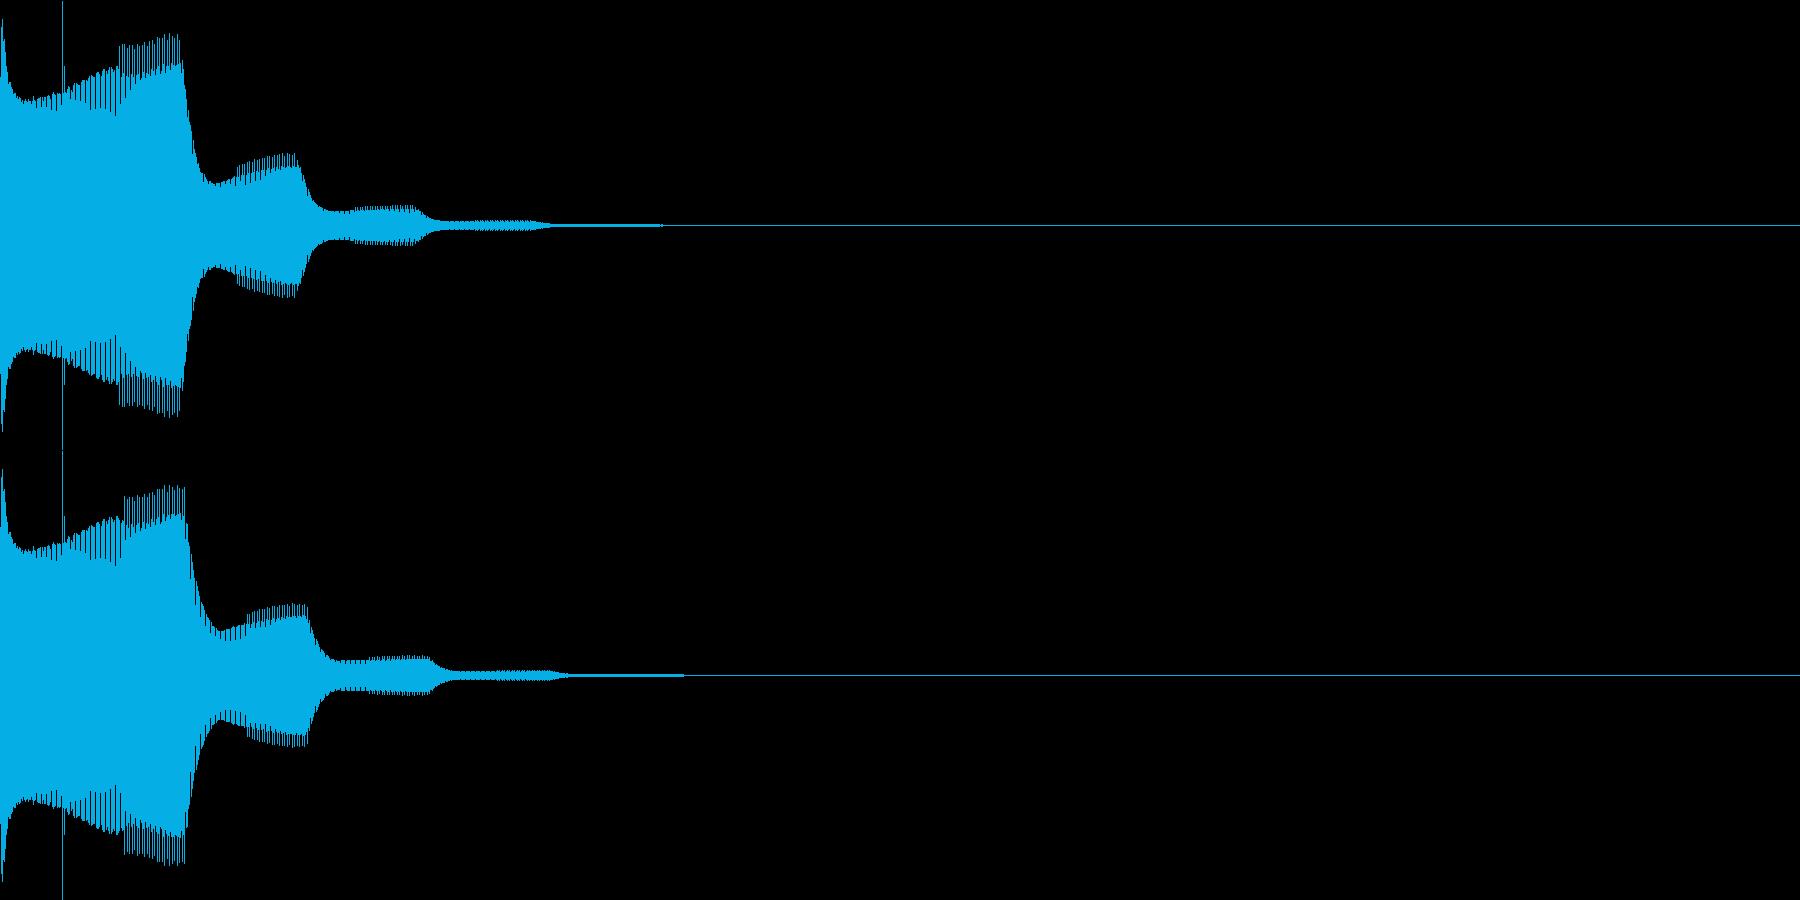 決定音22(シンセ)の再生済みの波形